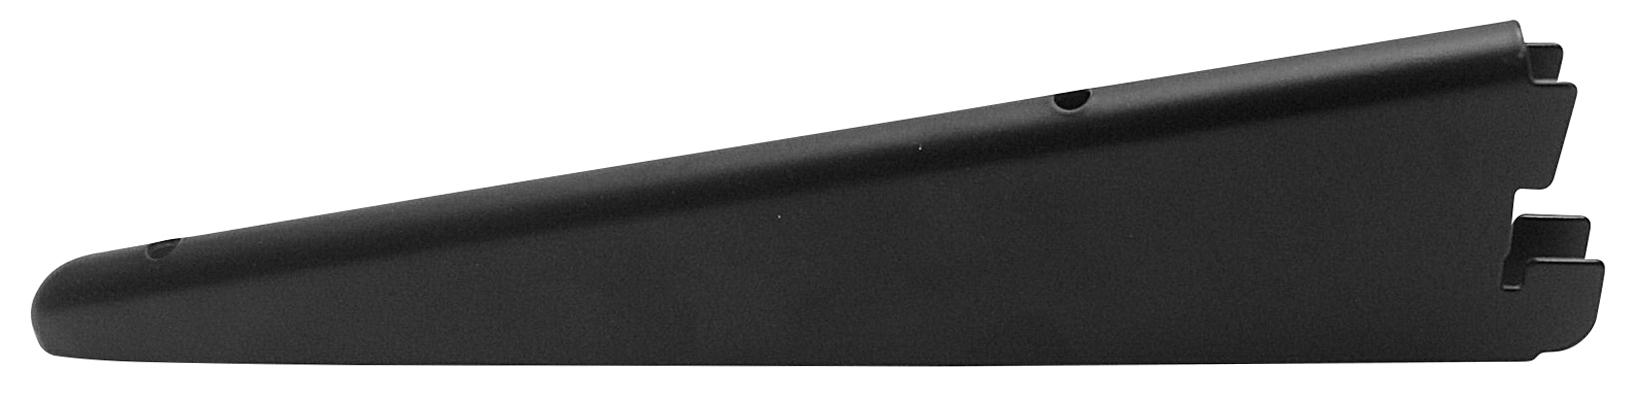 Image of   Hyldeknægt RS 22 cm. - sort